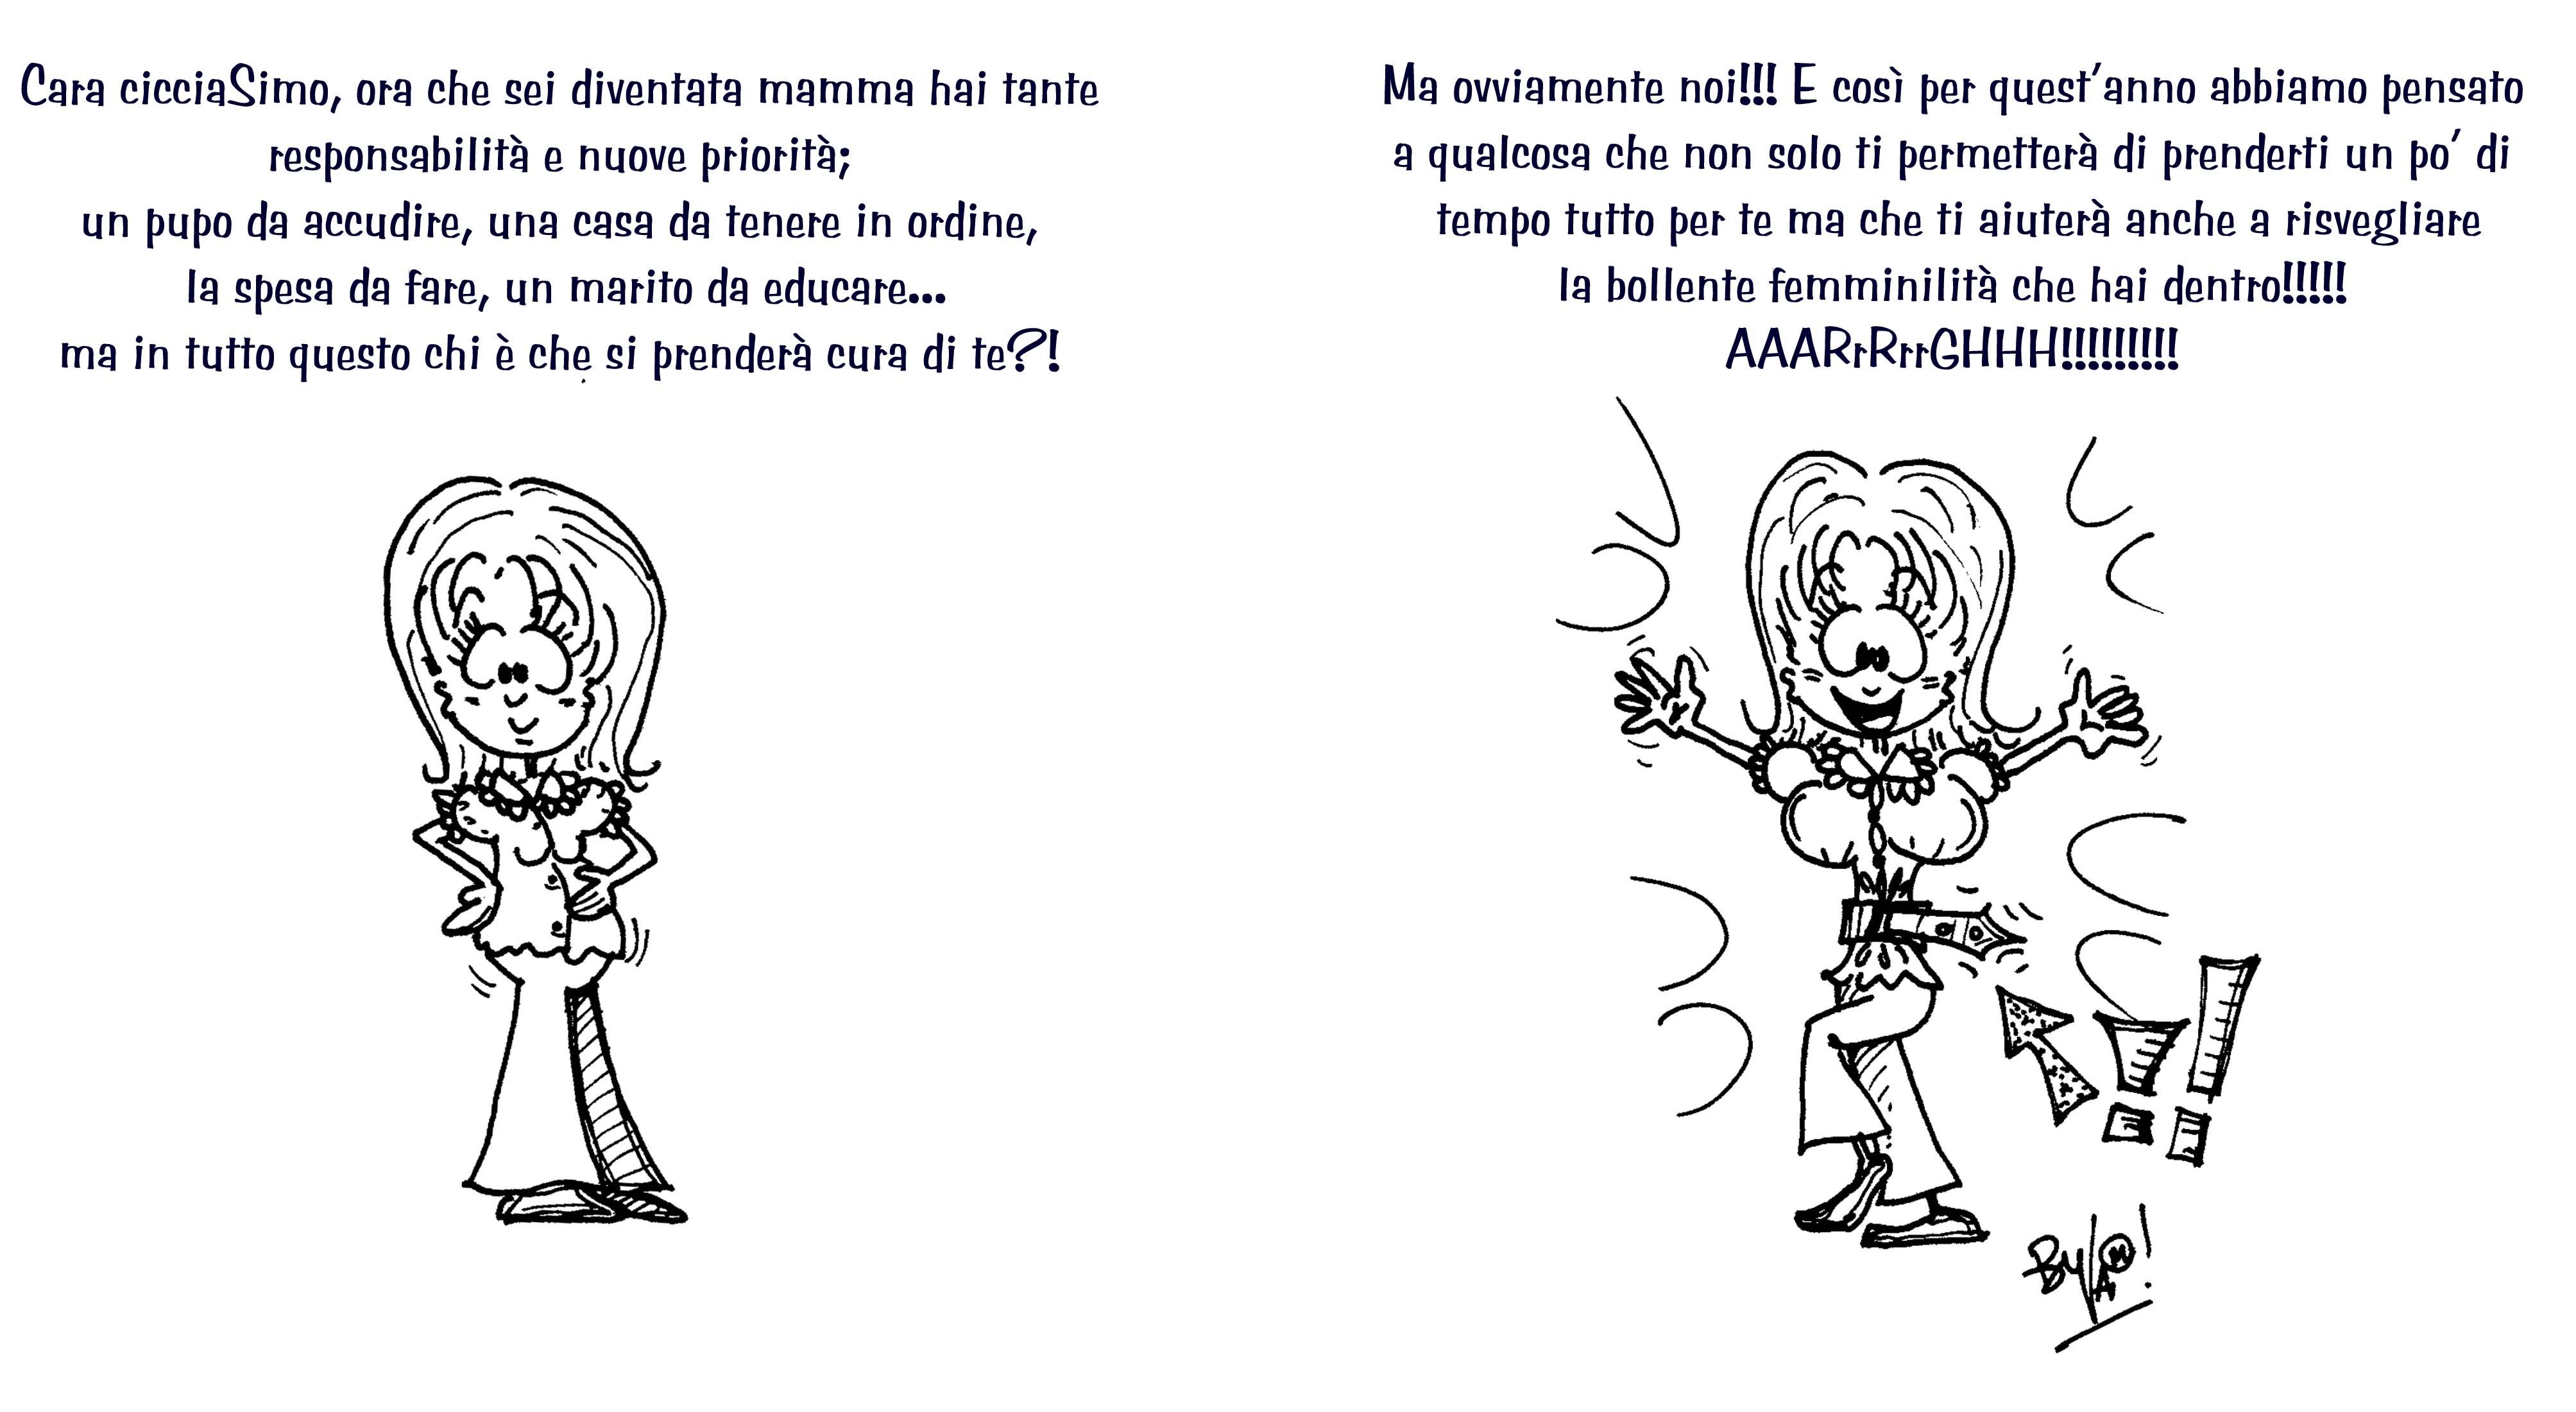 Regali Compleanno Neomamma.Biglietto Di Compleanno Di Simona Neomamma